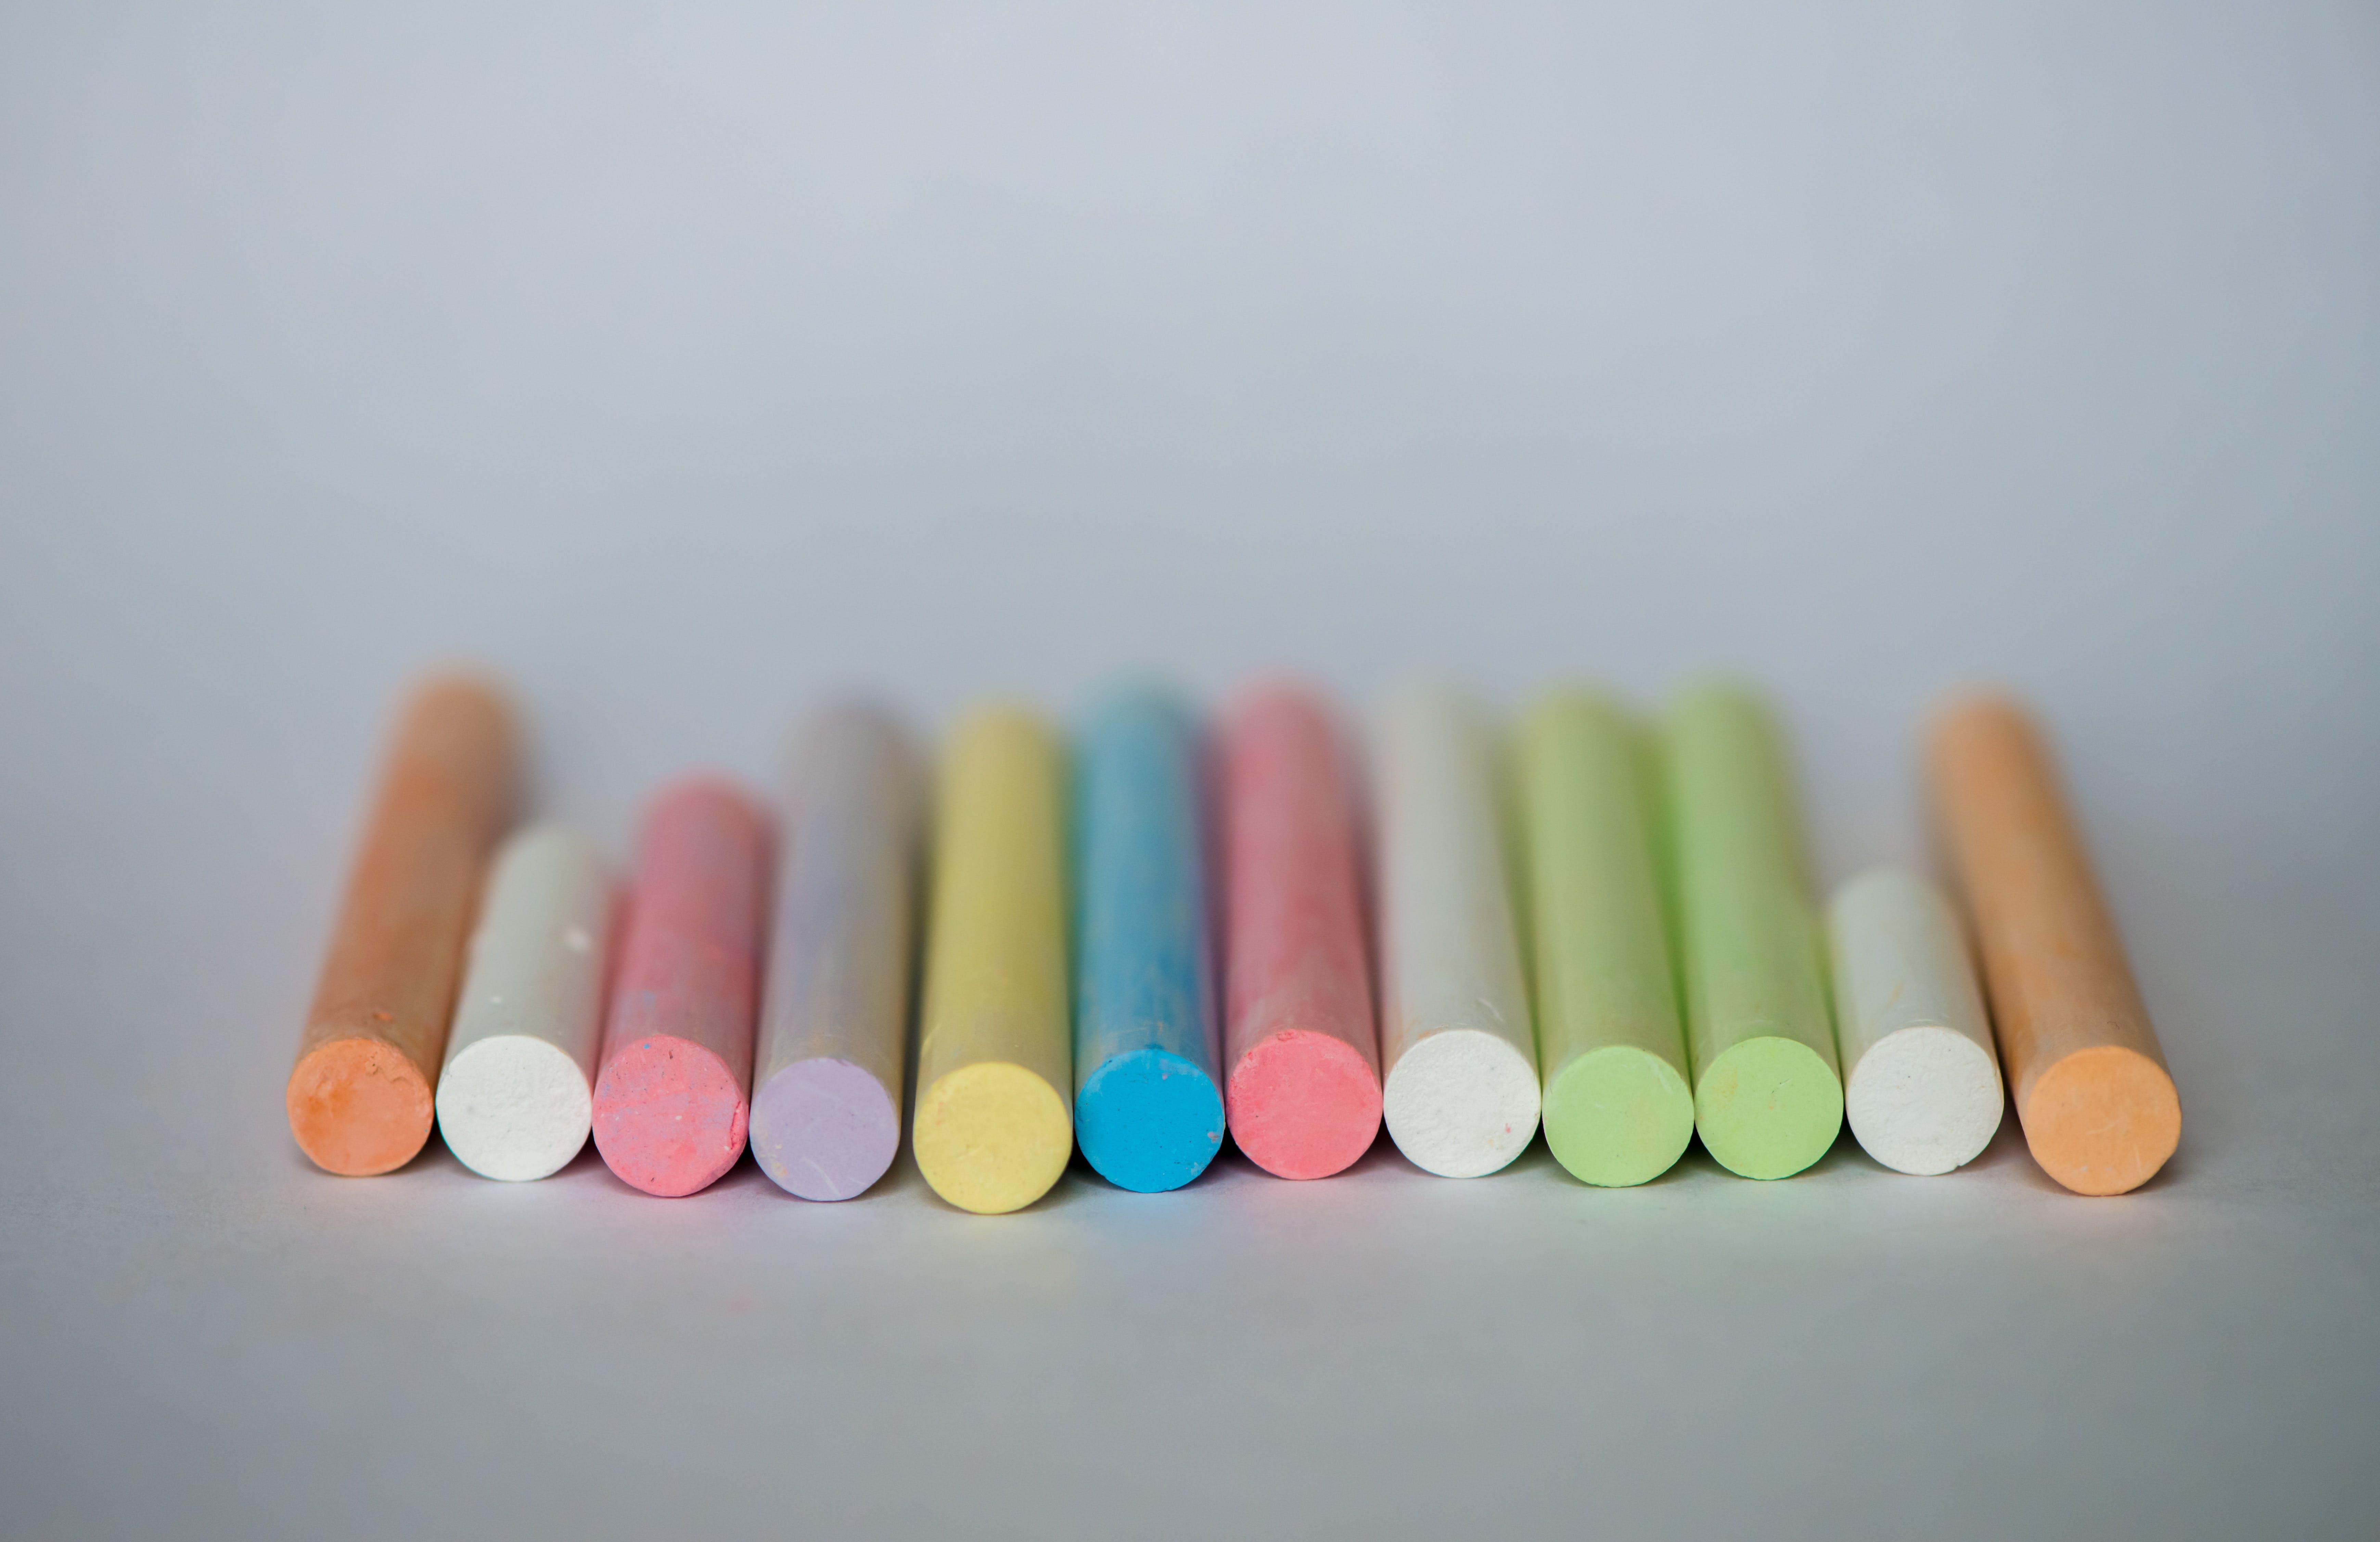 chalk, colorful, colors